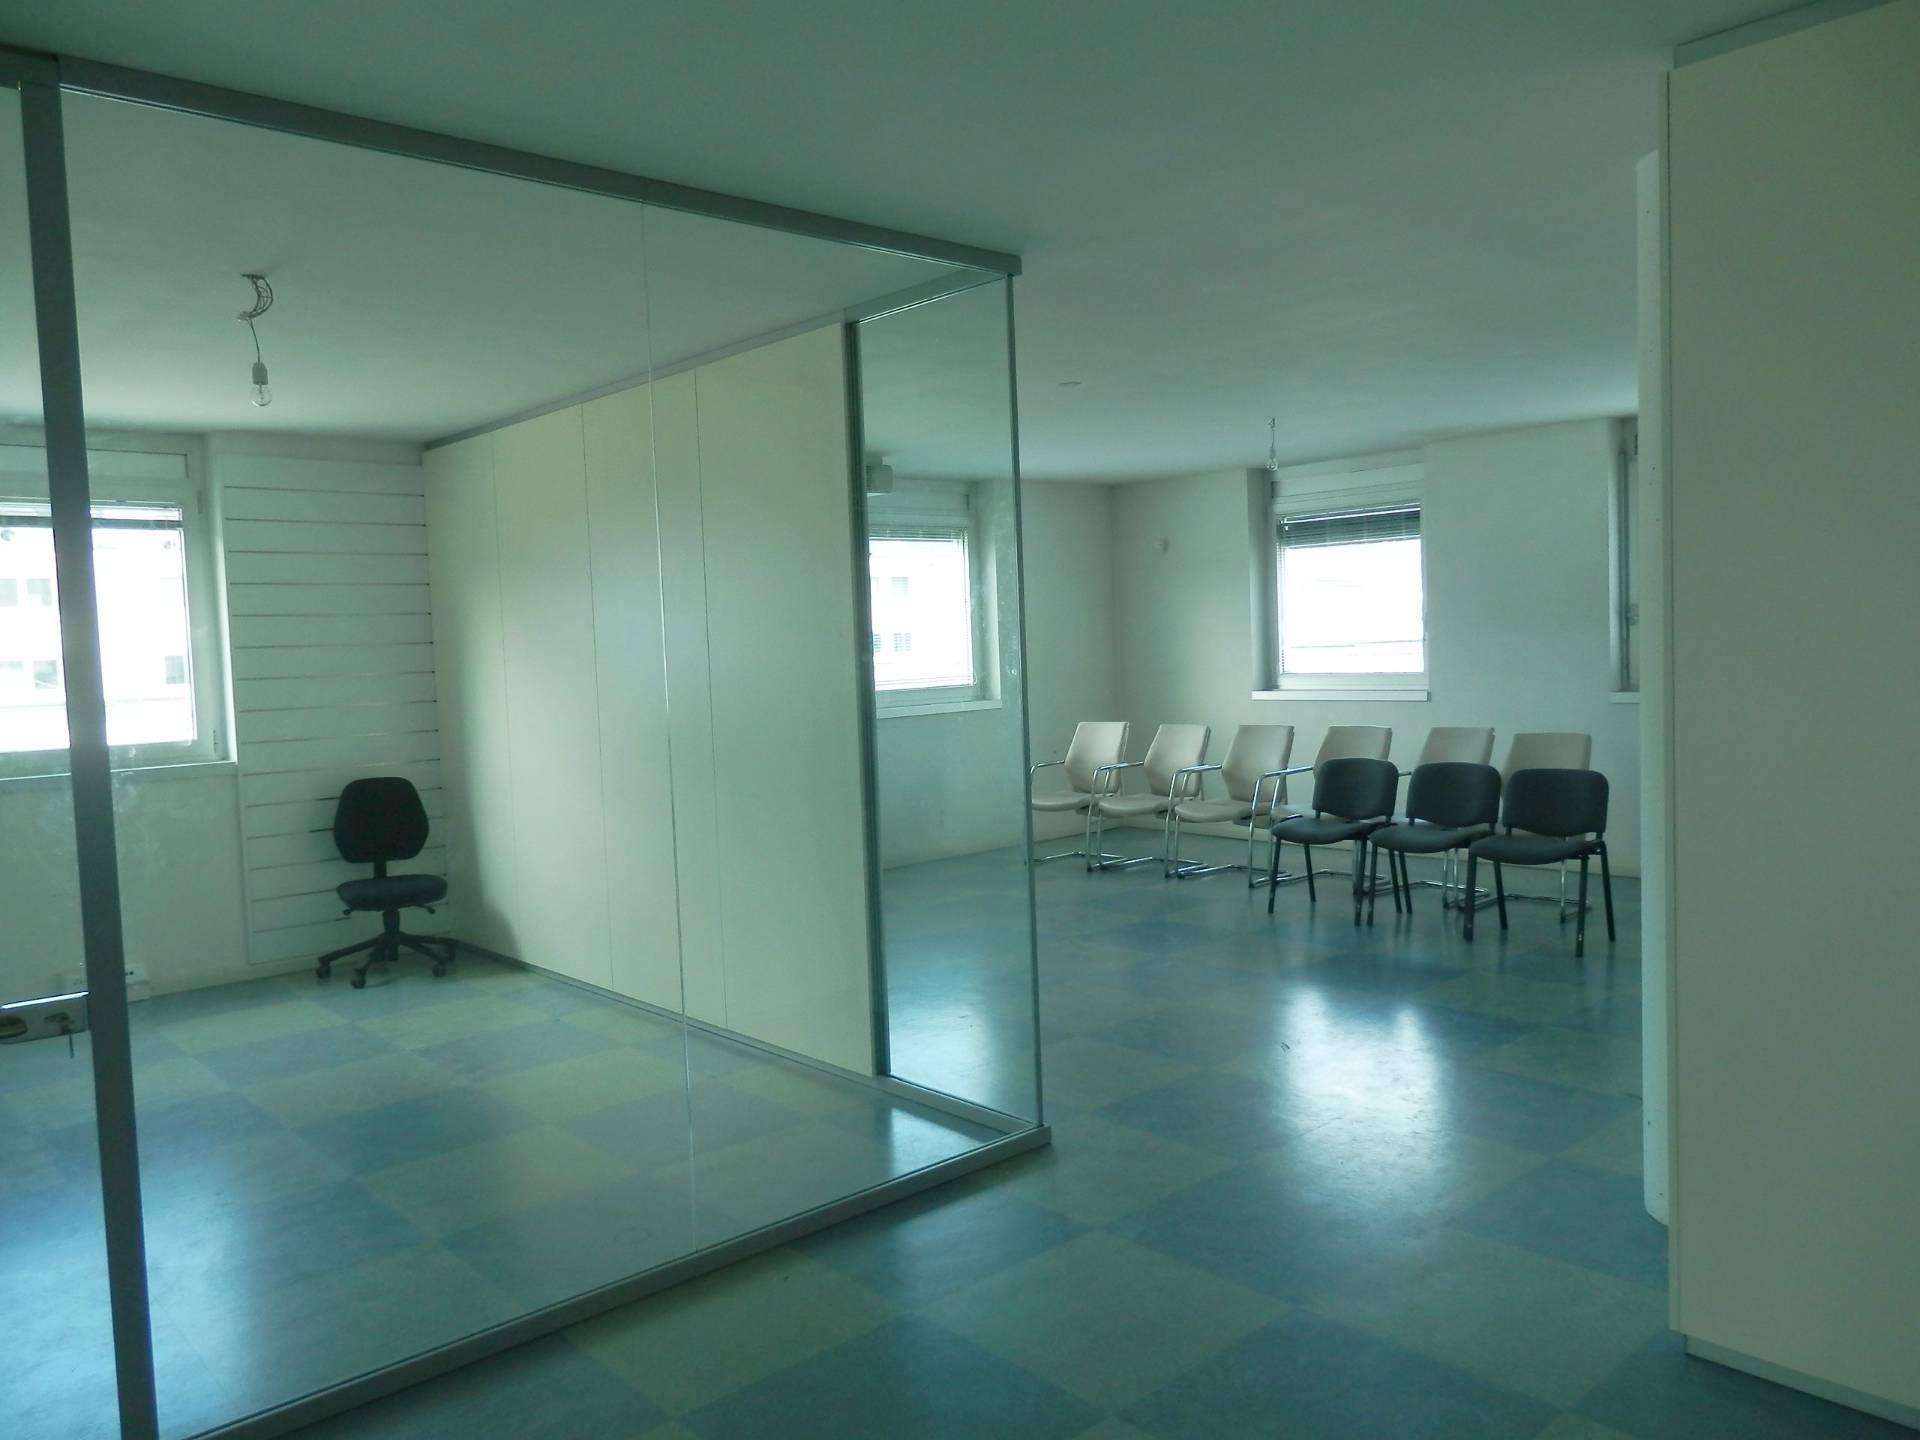 Ufficio / Studio in affitto a Bolzano, 9999 locali, zona Zona: Periferia, prezzo € 600 | Cambio Casa.it